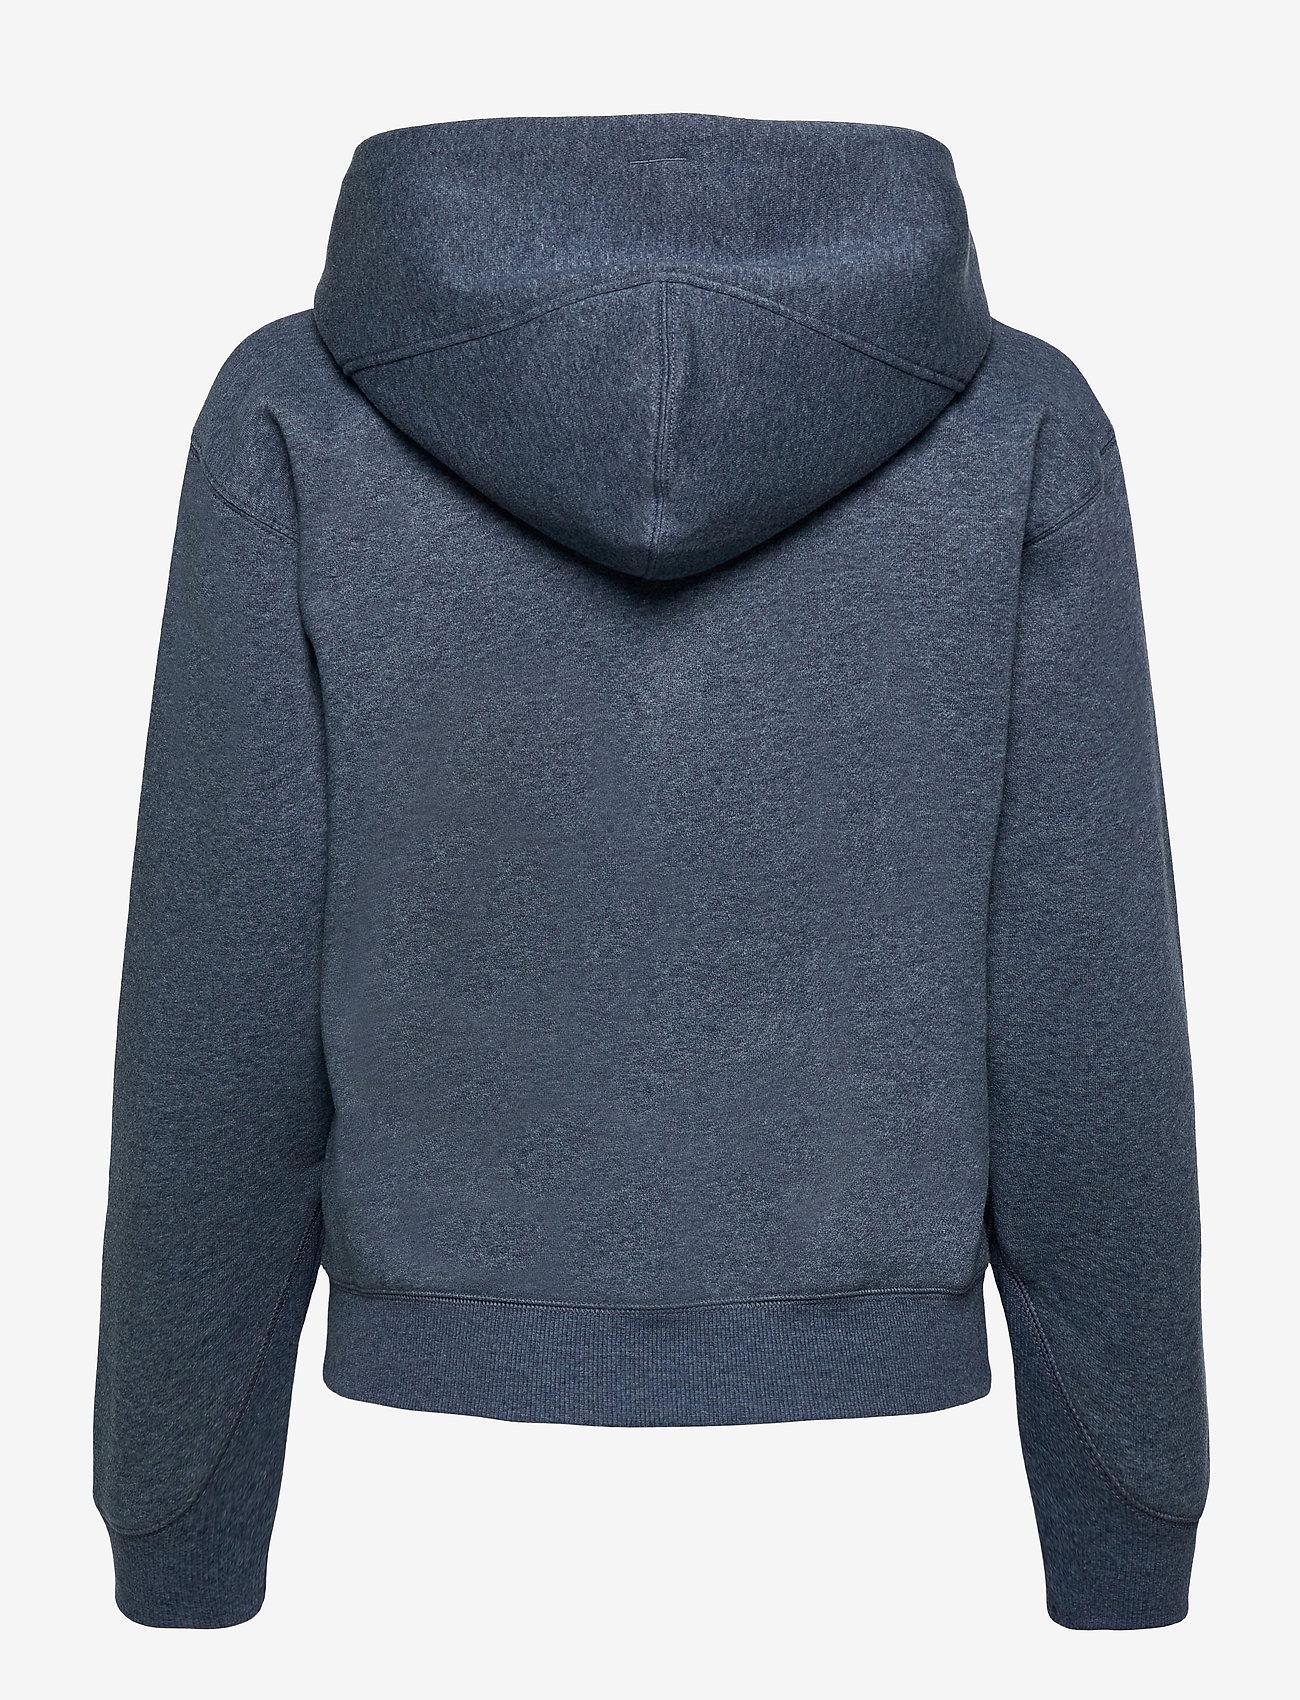 G-star RAW - Premium core hdd zip thru sw wmn l- - hoodies - worn in kobalt htr - 1